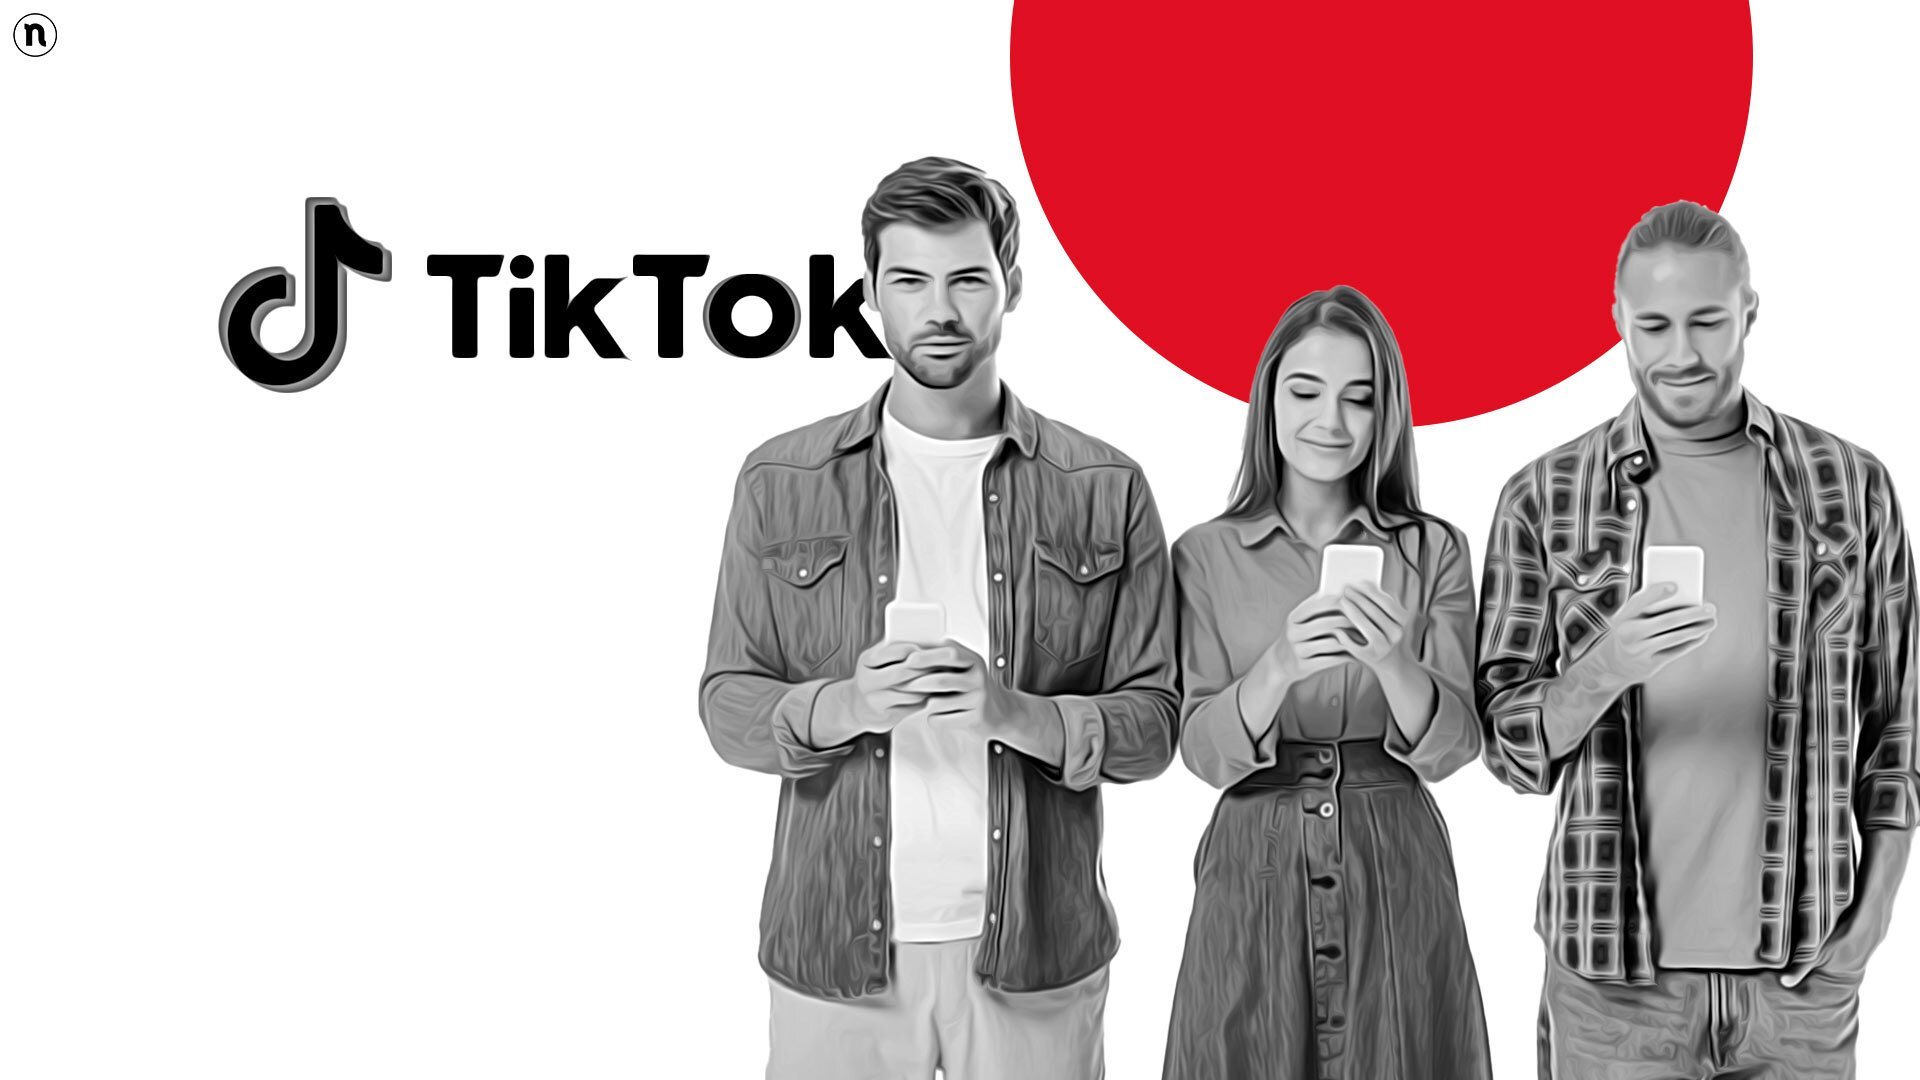 TikTok: oltre 1 miliardo di utenti attivi mensili in tutto il mondo